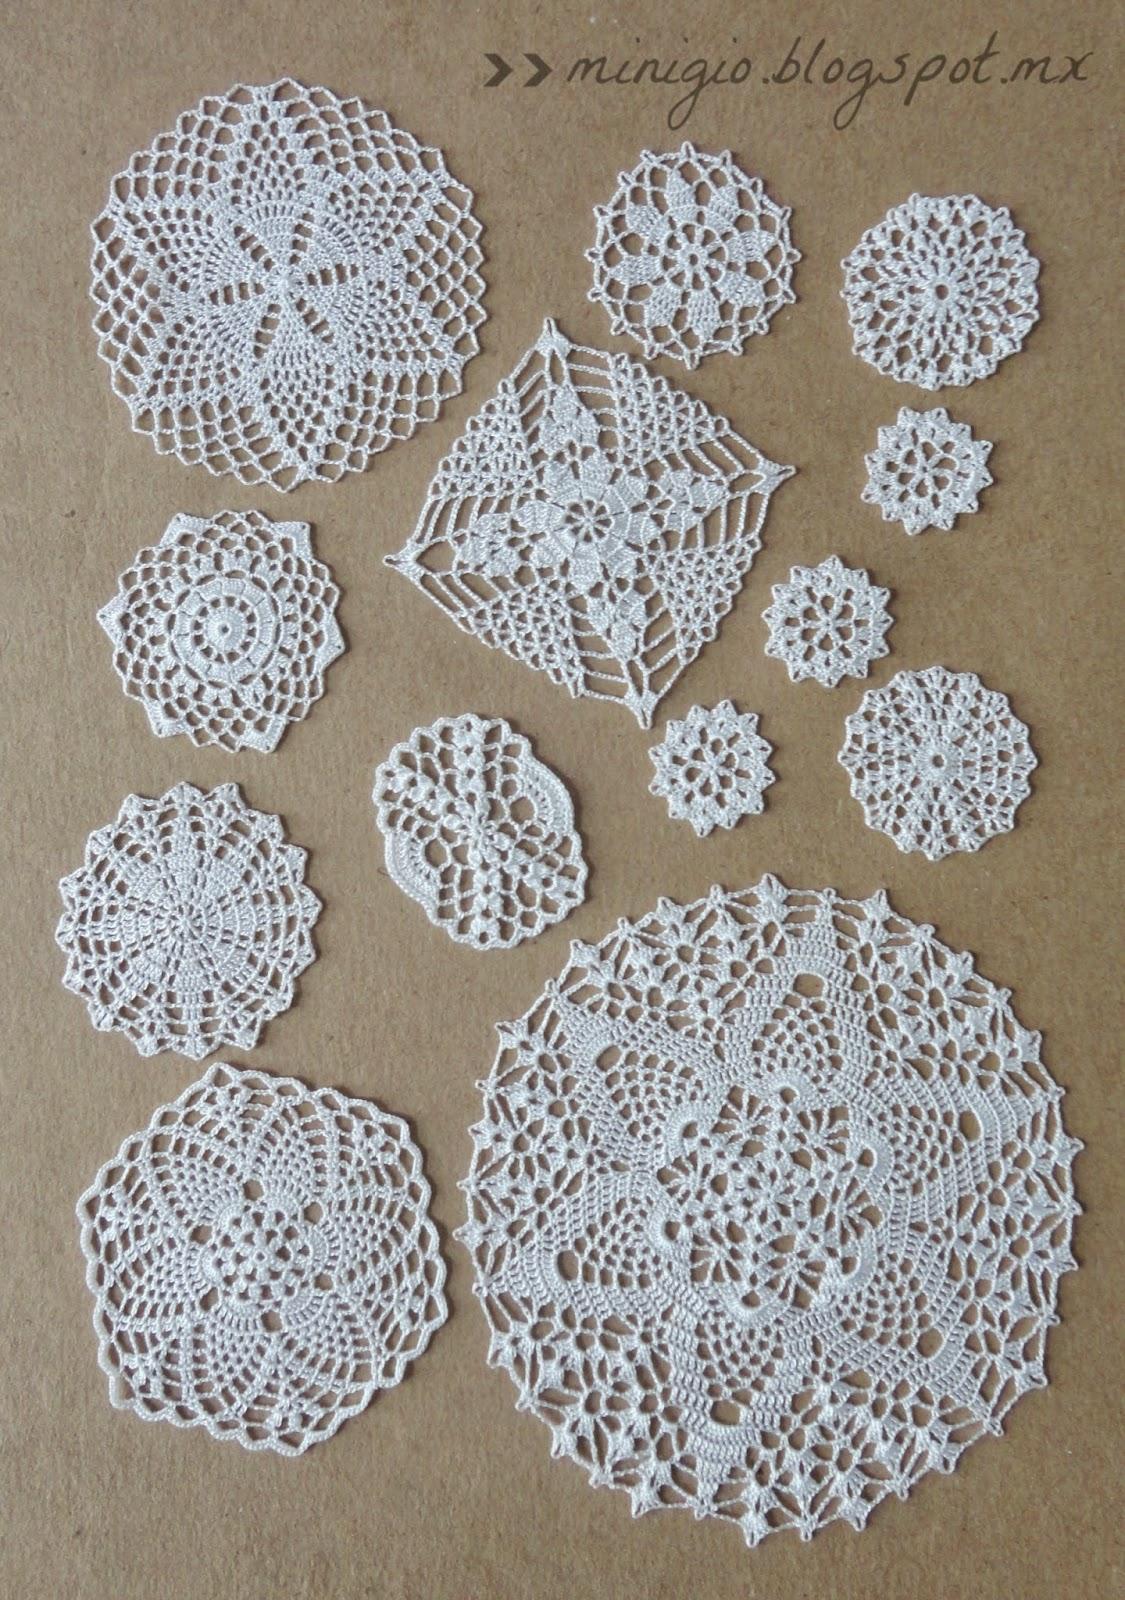 Miniature crochet doilies